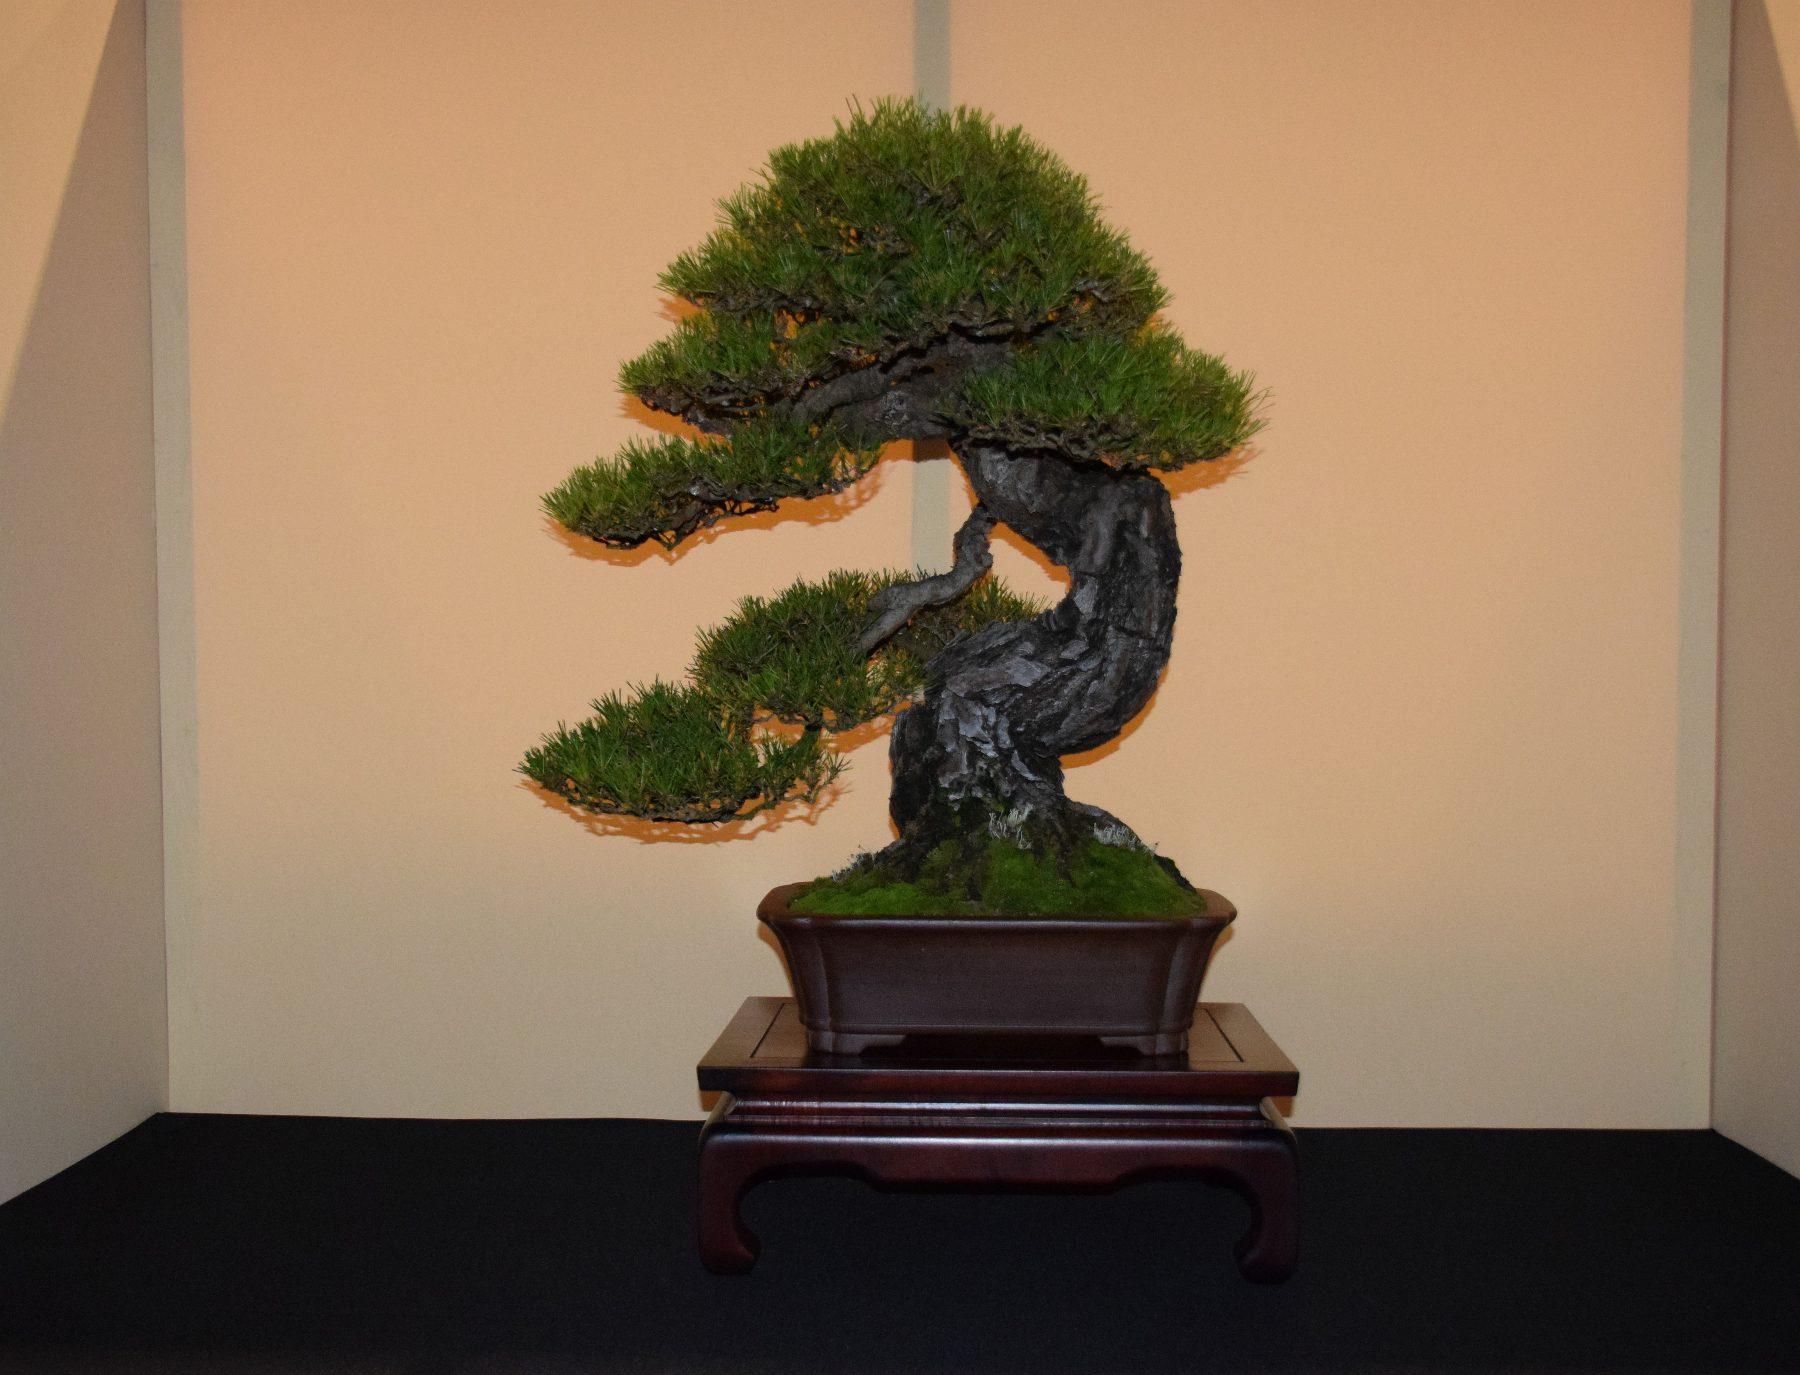 euk-bonsai-ten-2016-jp-polmans-collectie-002